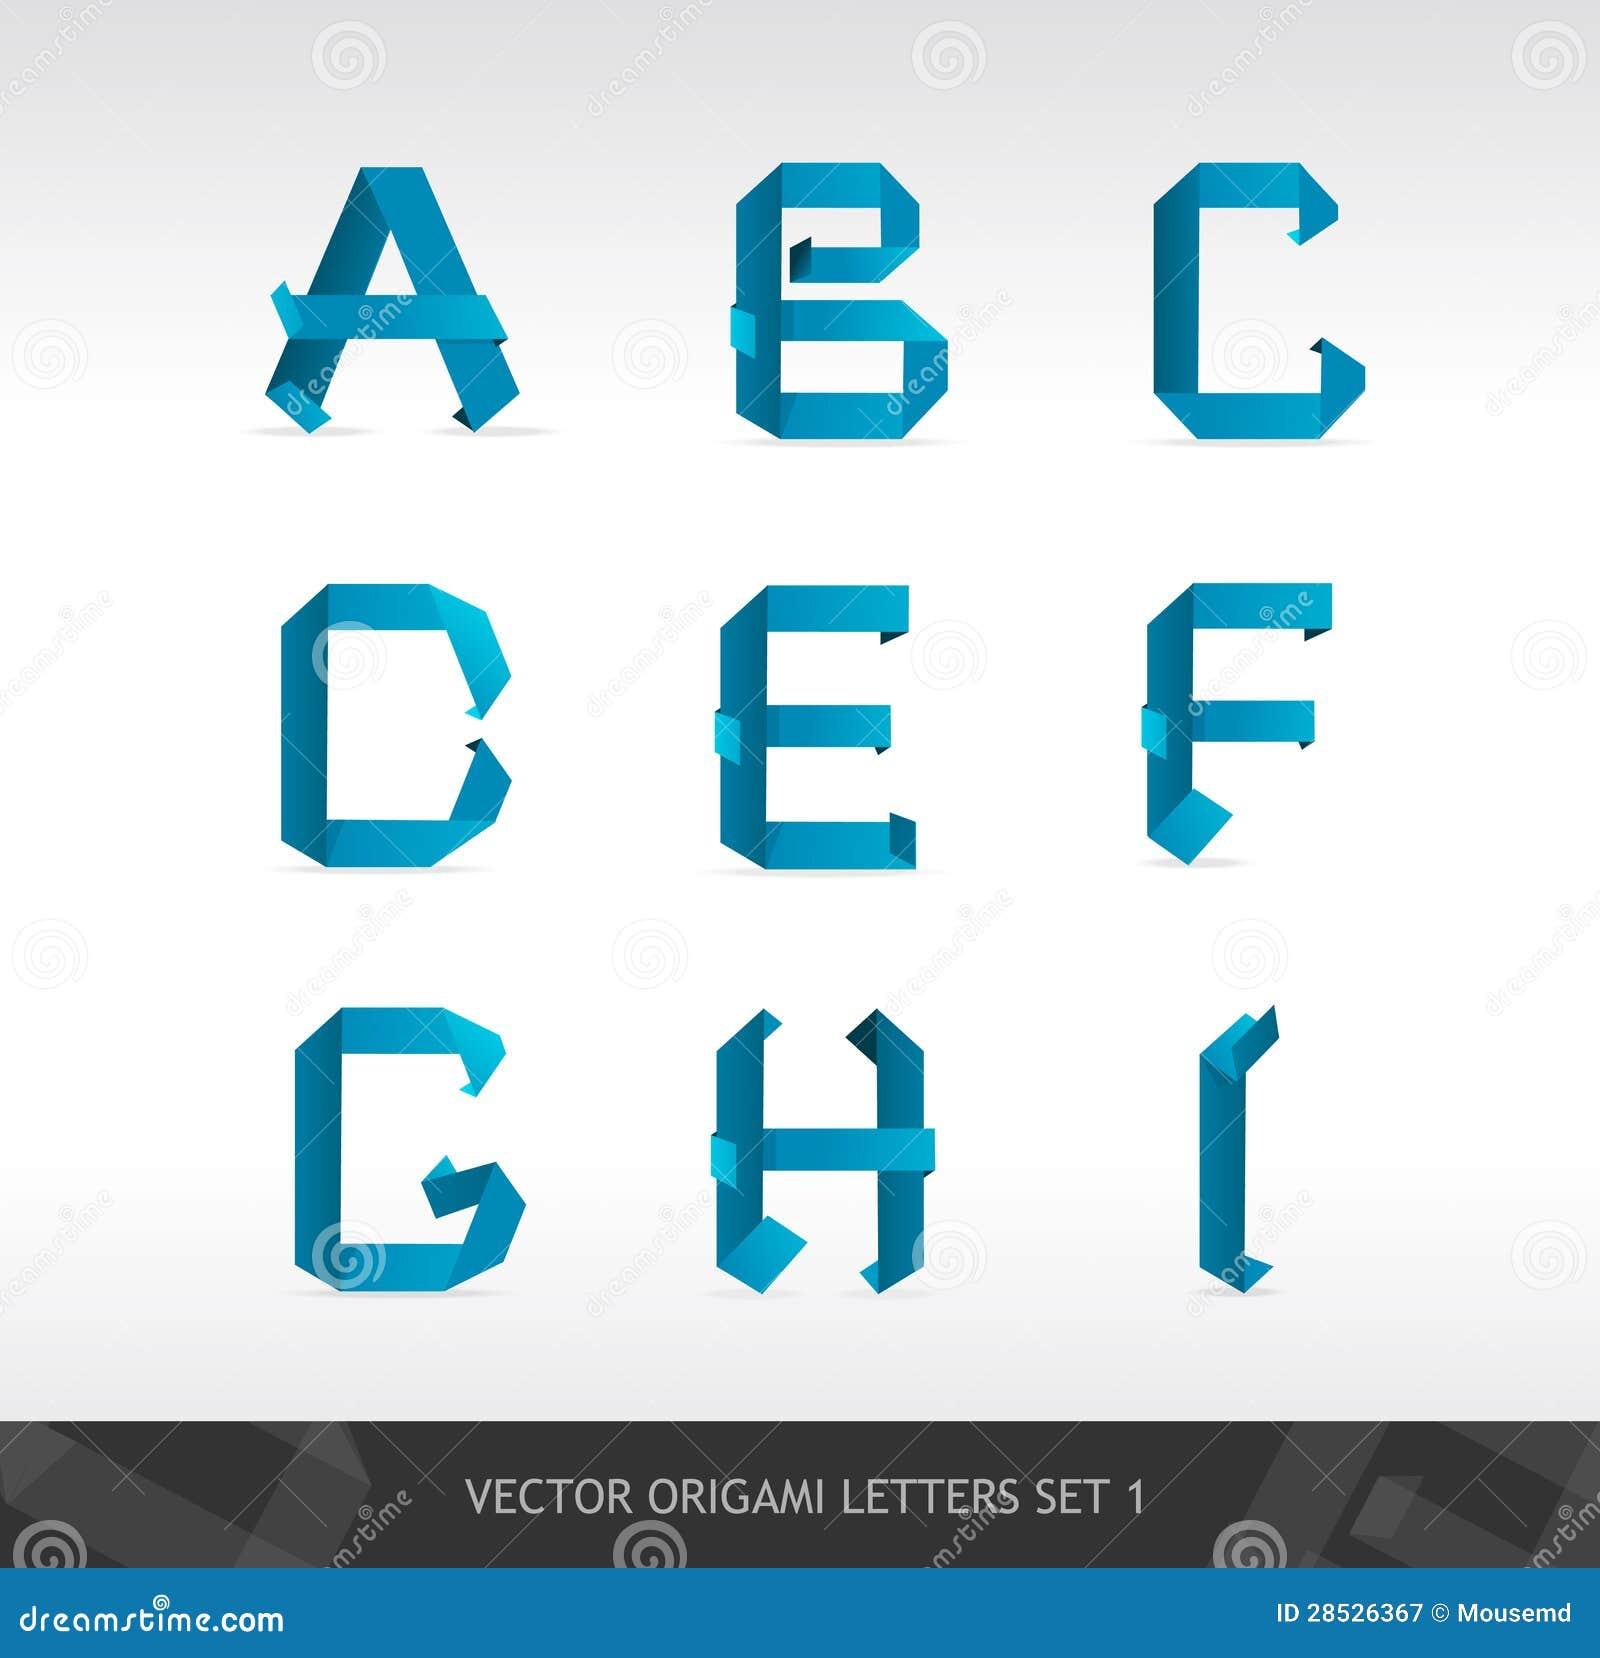 origami letras - photo#9